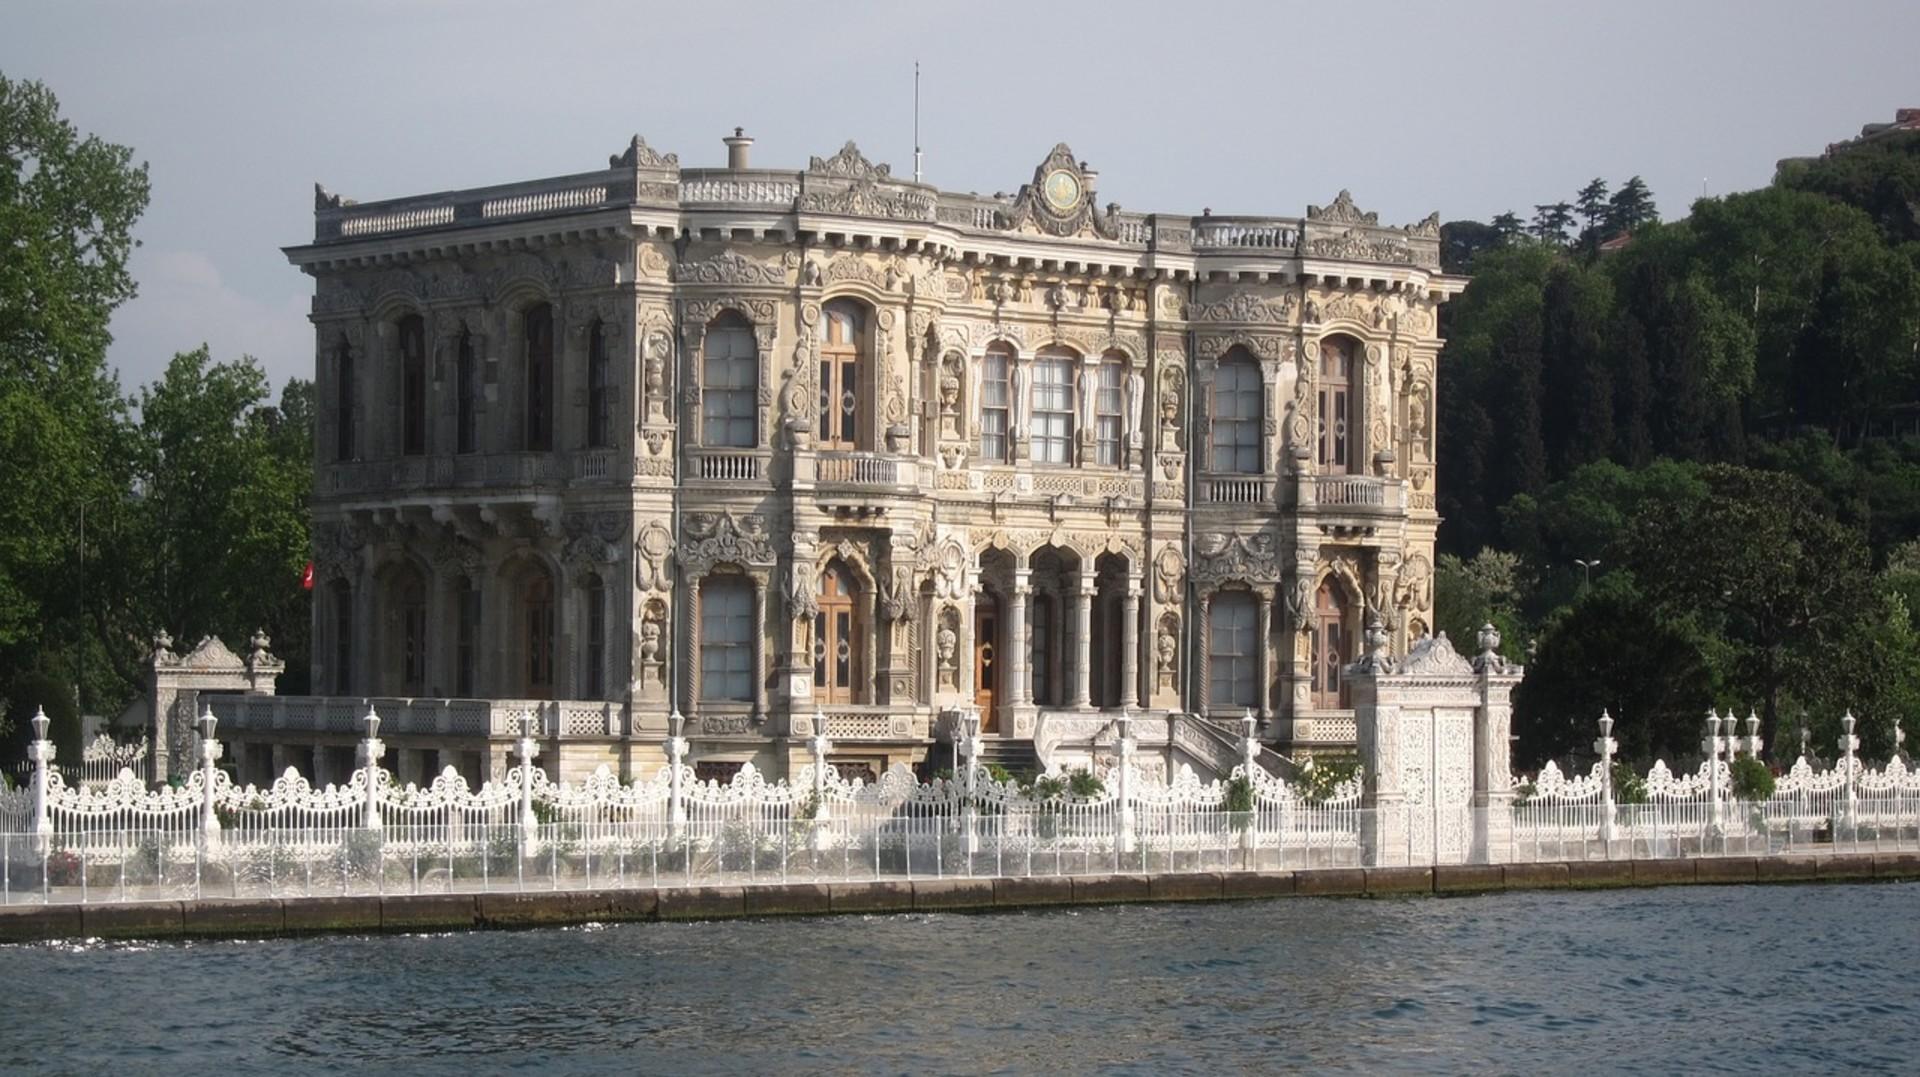 kucuksu-palace-1162615_1280.jpg